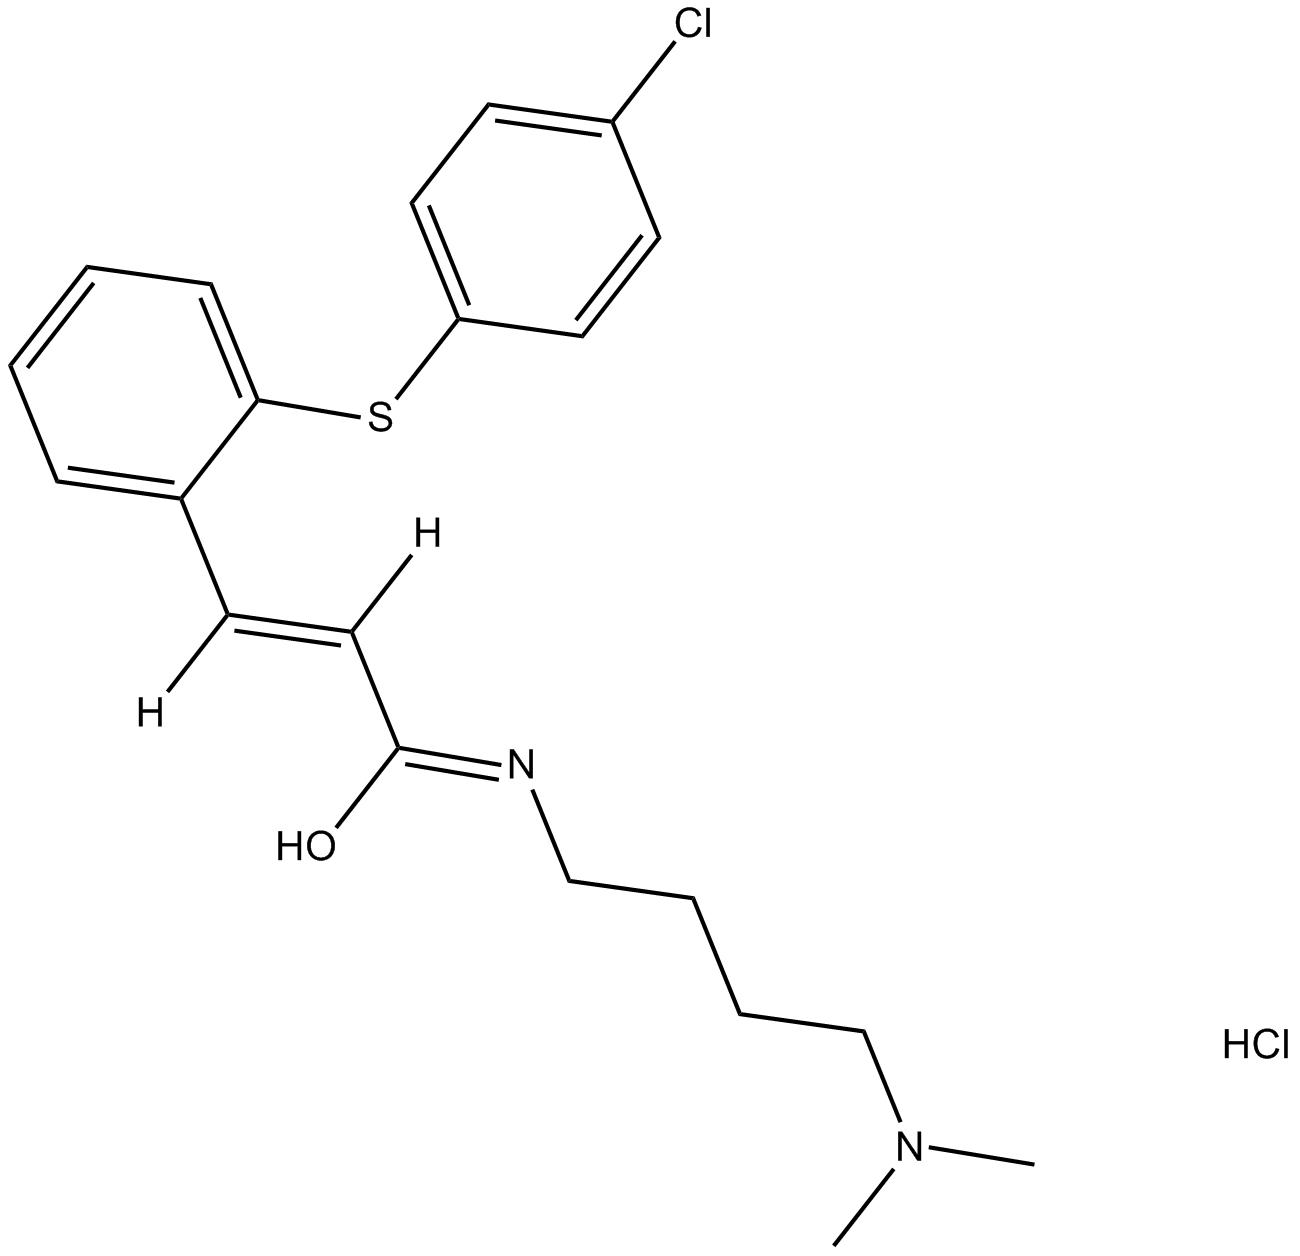 A 350619 hydrochloride